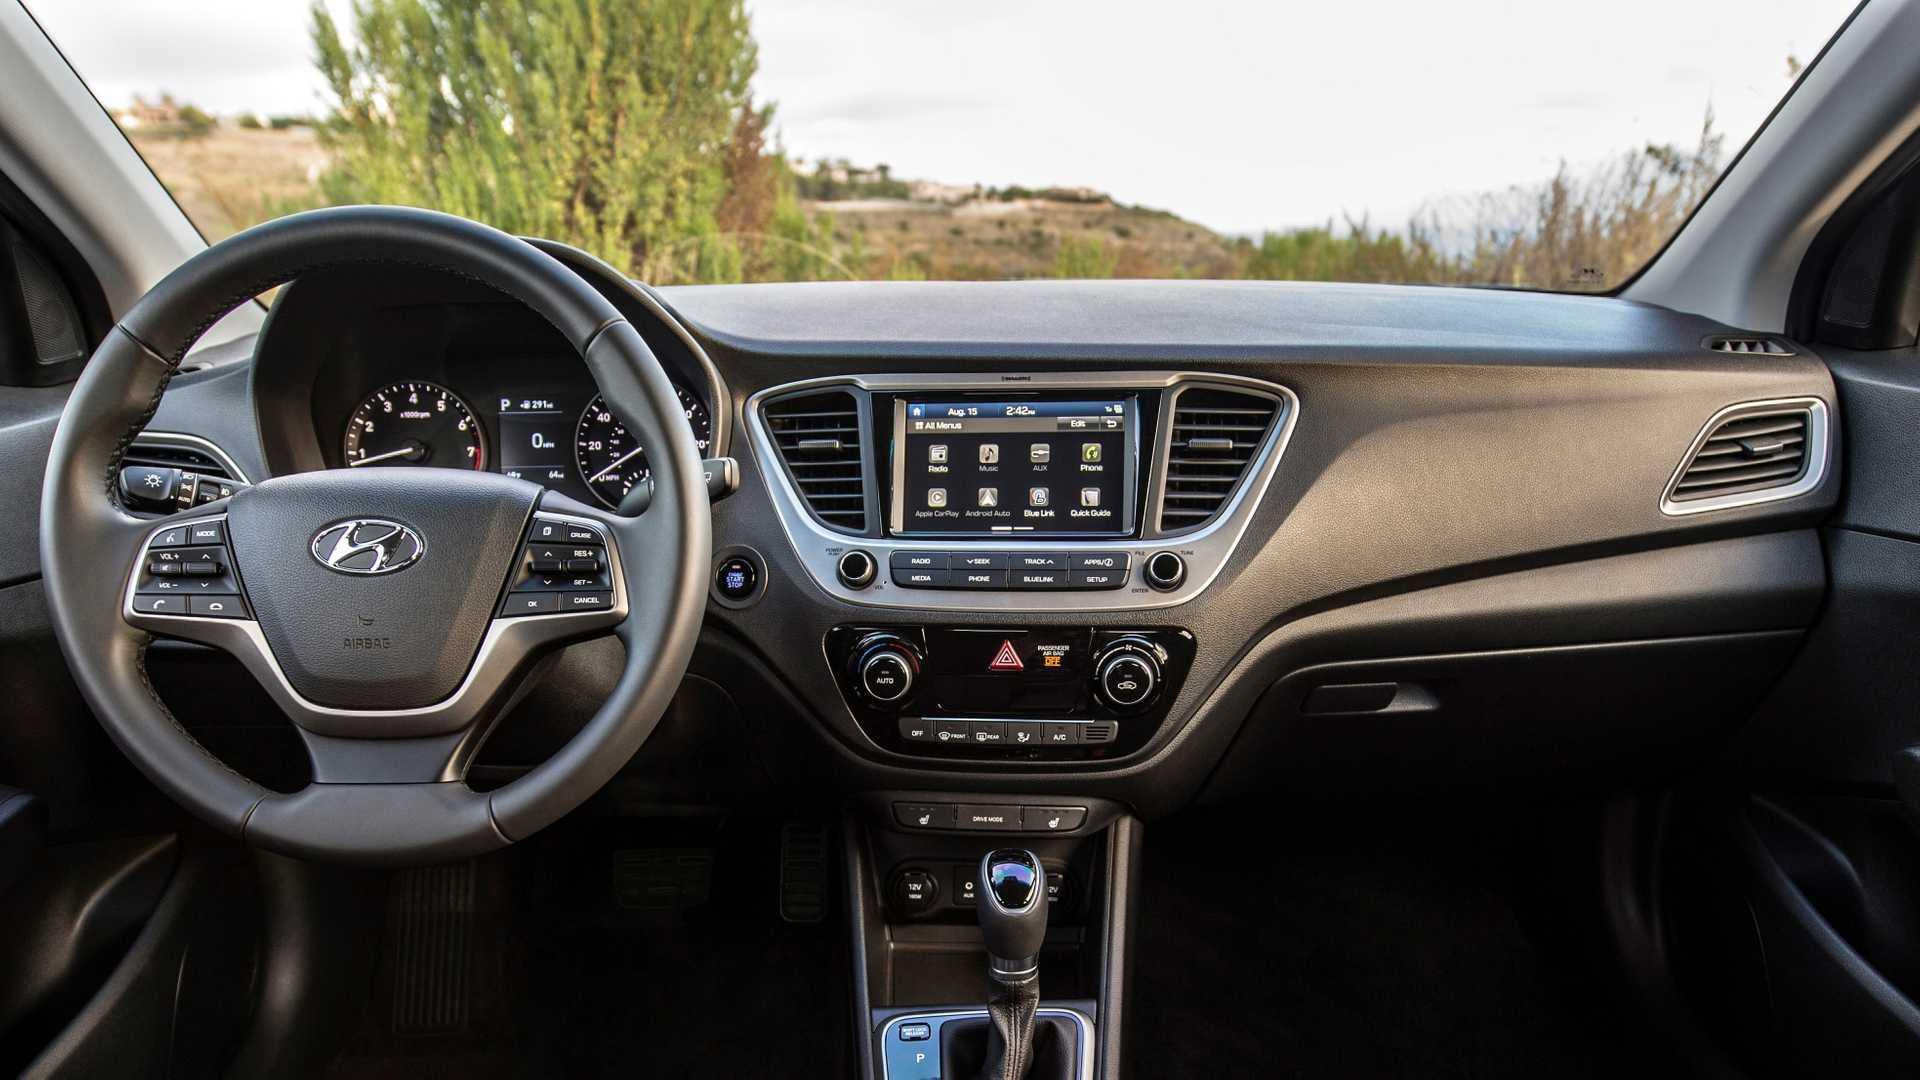 Hyundai Motor America Recalls 11,142 Genesis Models over Tire